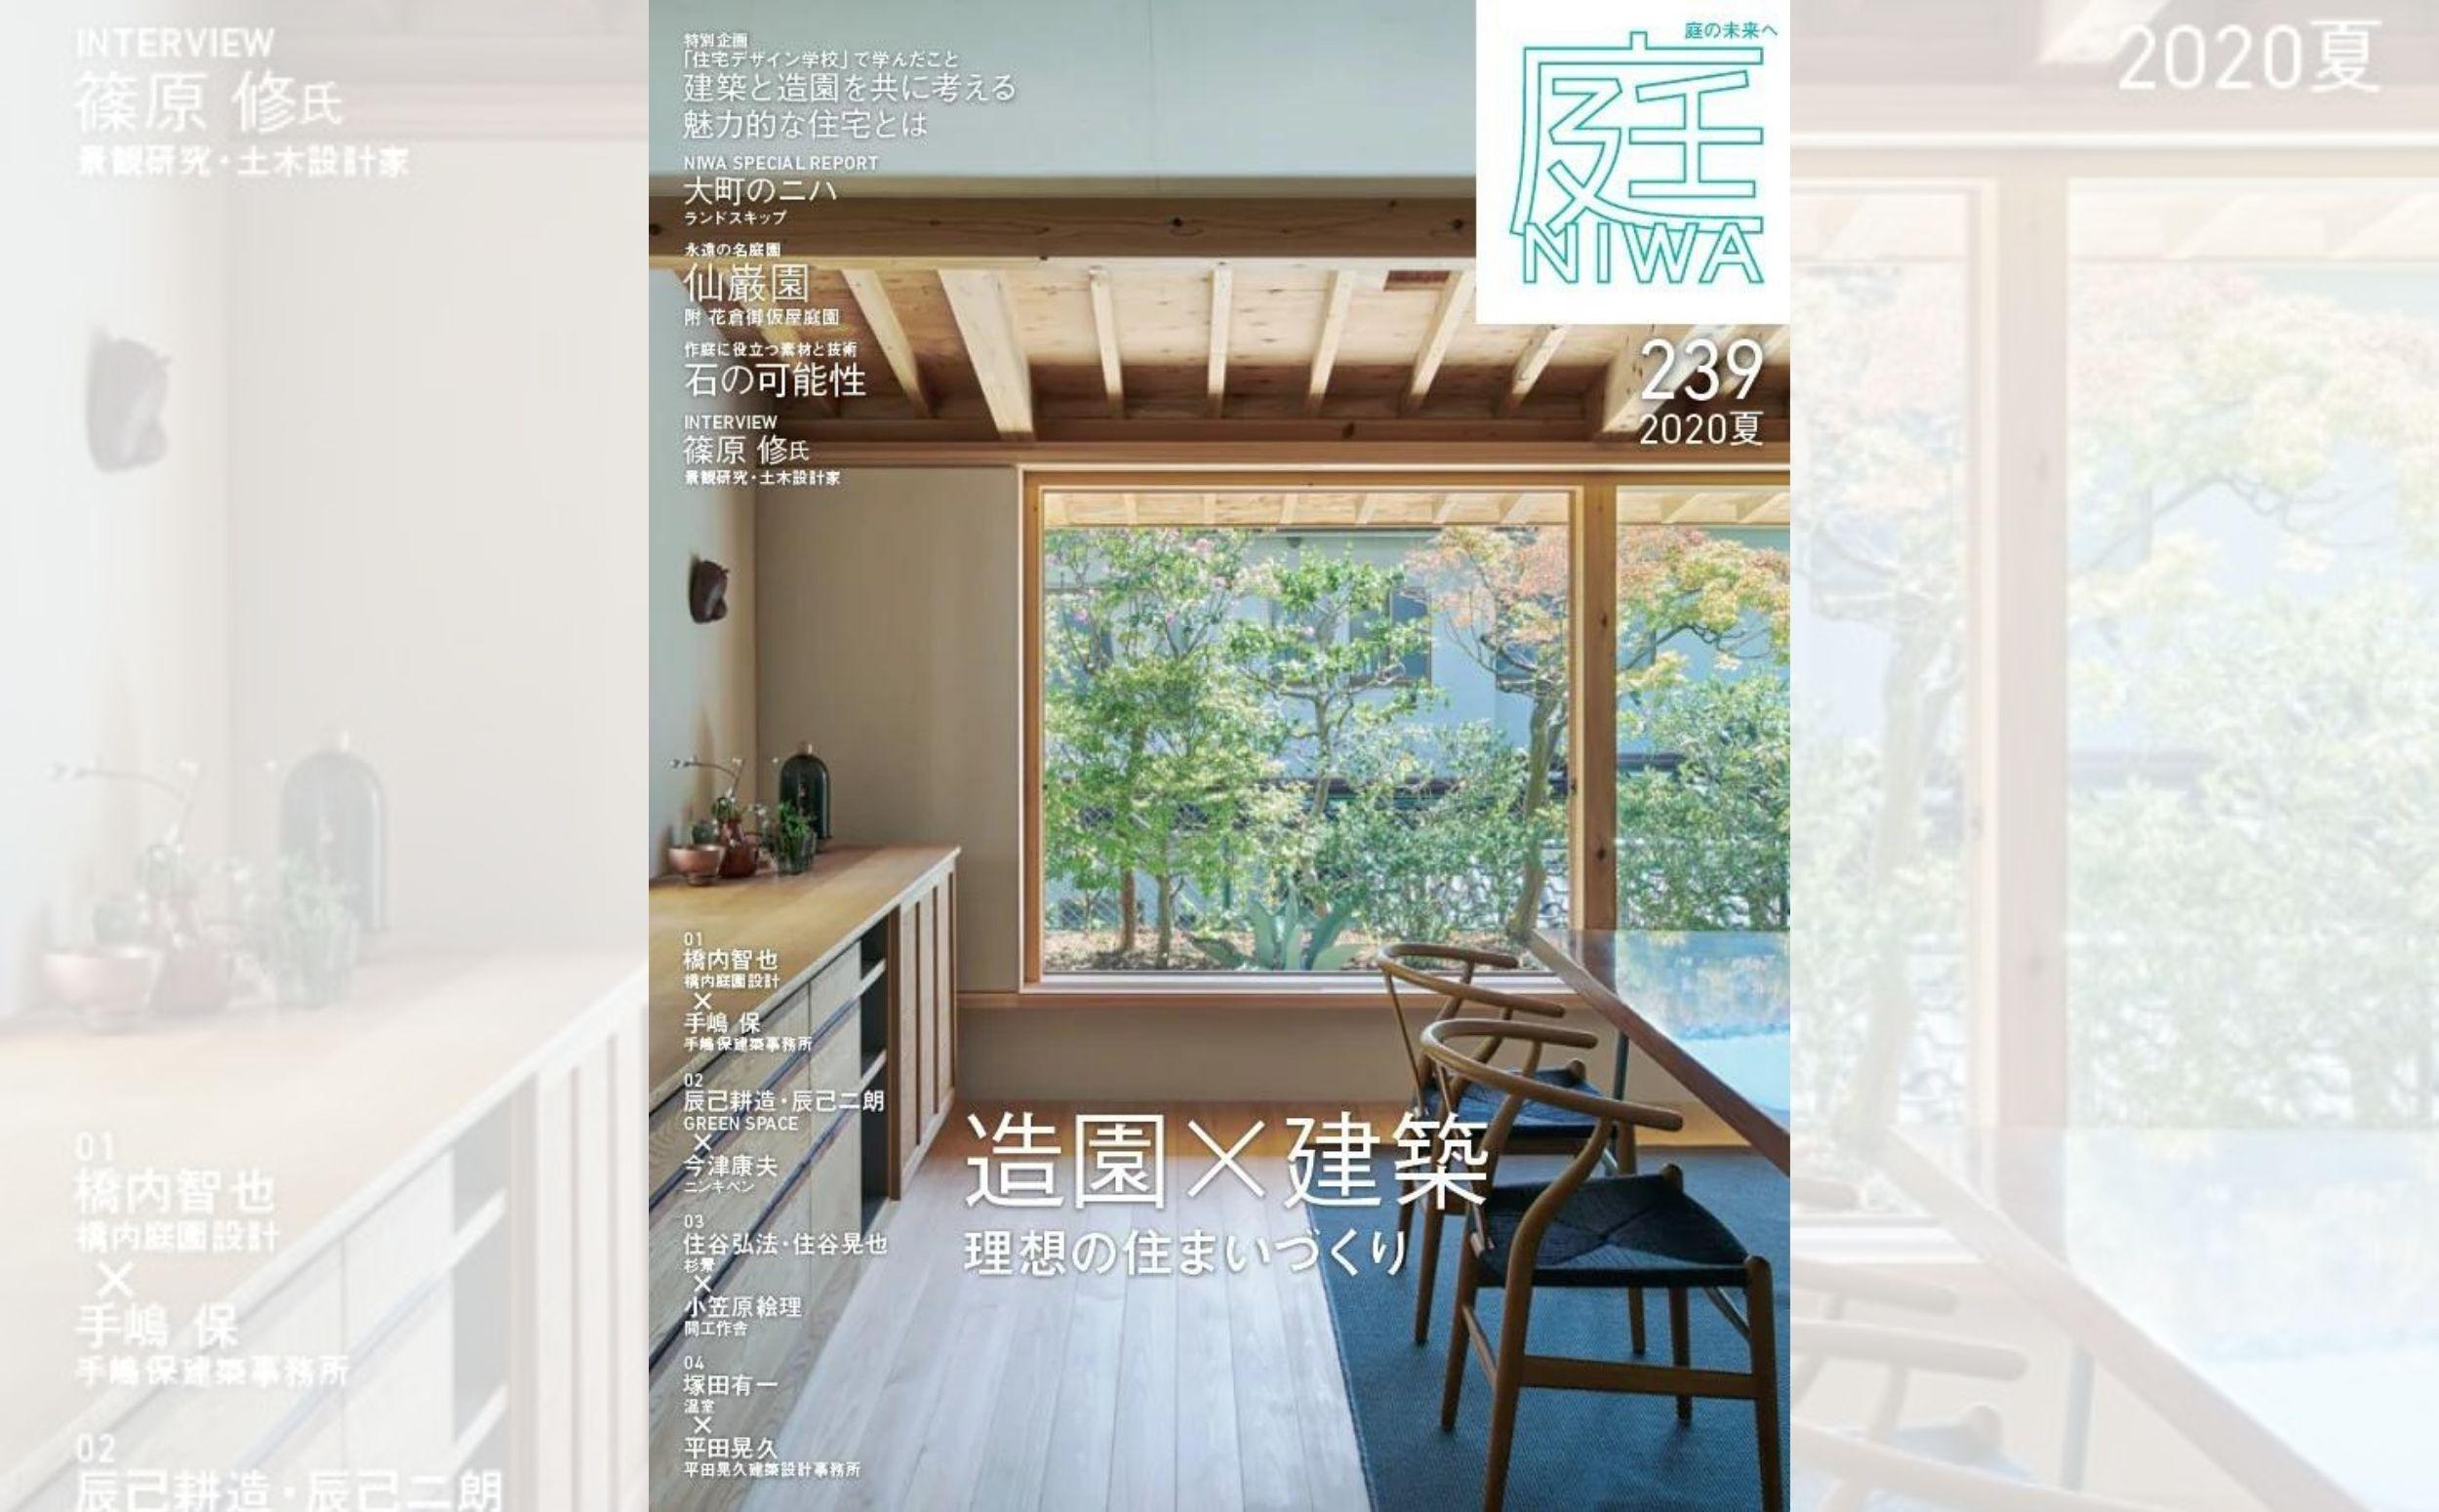 庭NIWA No.239 2020夏号「造園×建築」理想の住まいづくり